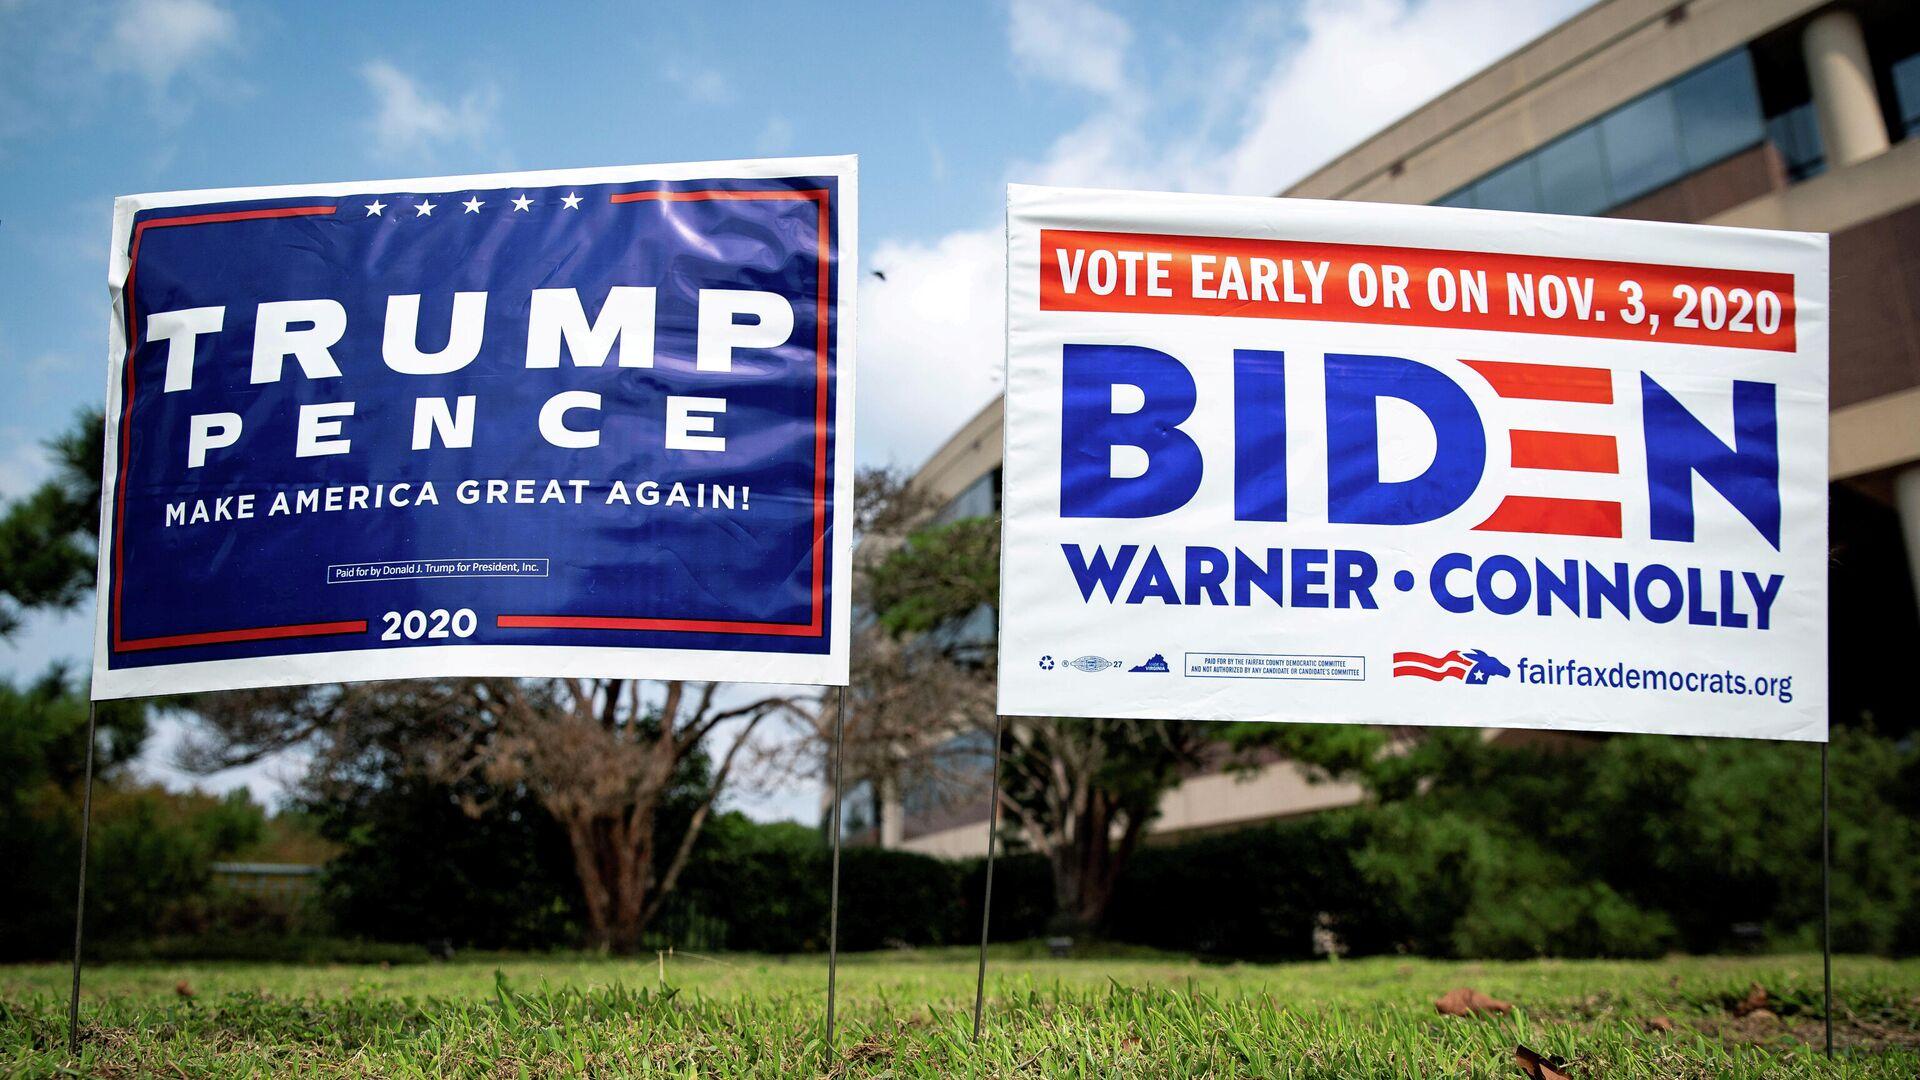 Плакаты в поддержку президента США Дональда Трампа и кандидата в президенты от Демократической партии США Джо Байдена - РИА Новости, 1920, 26.09.2020